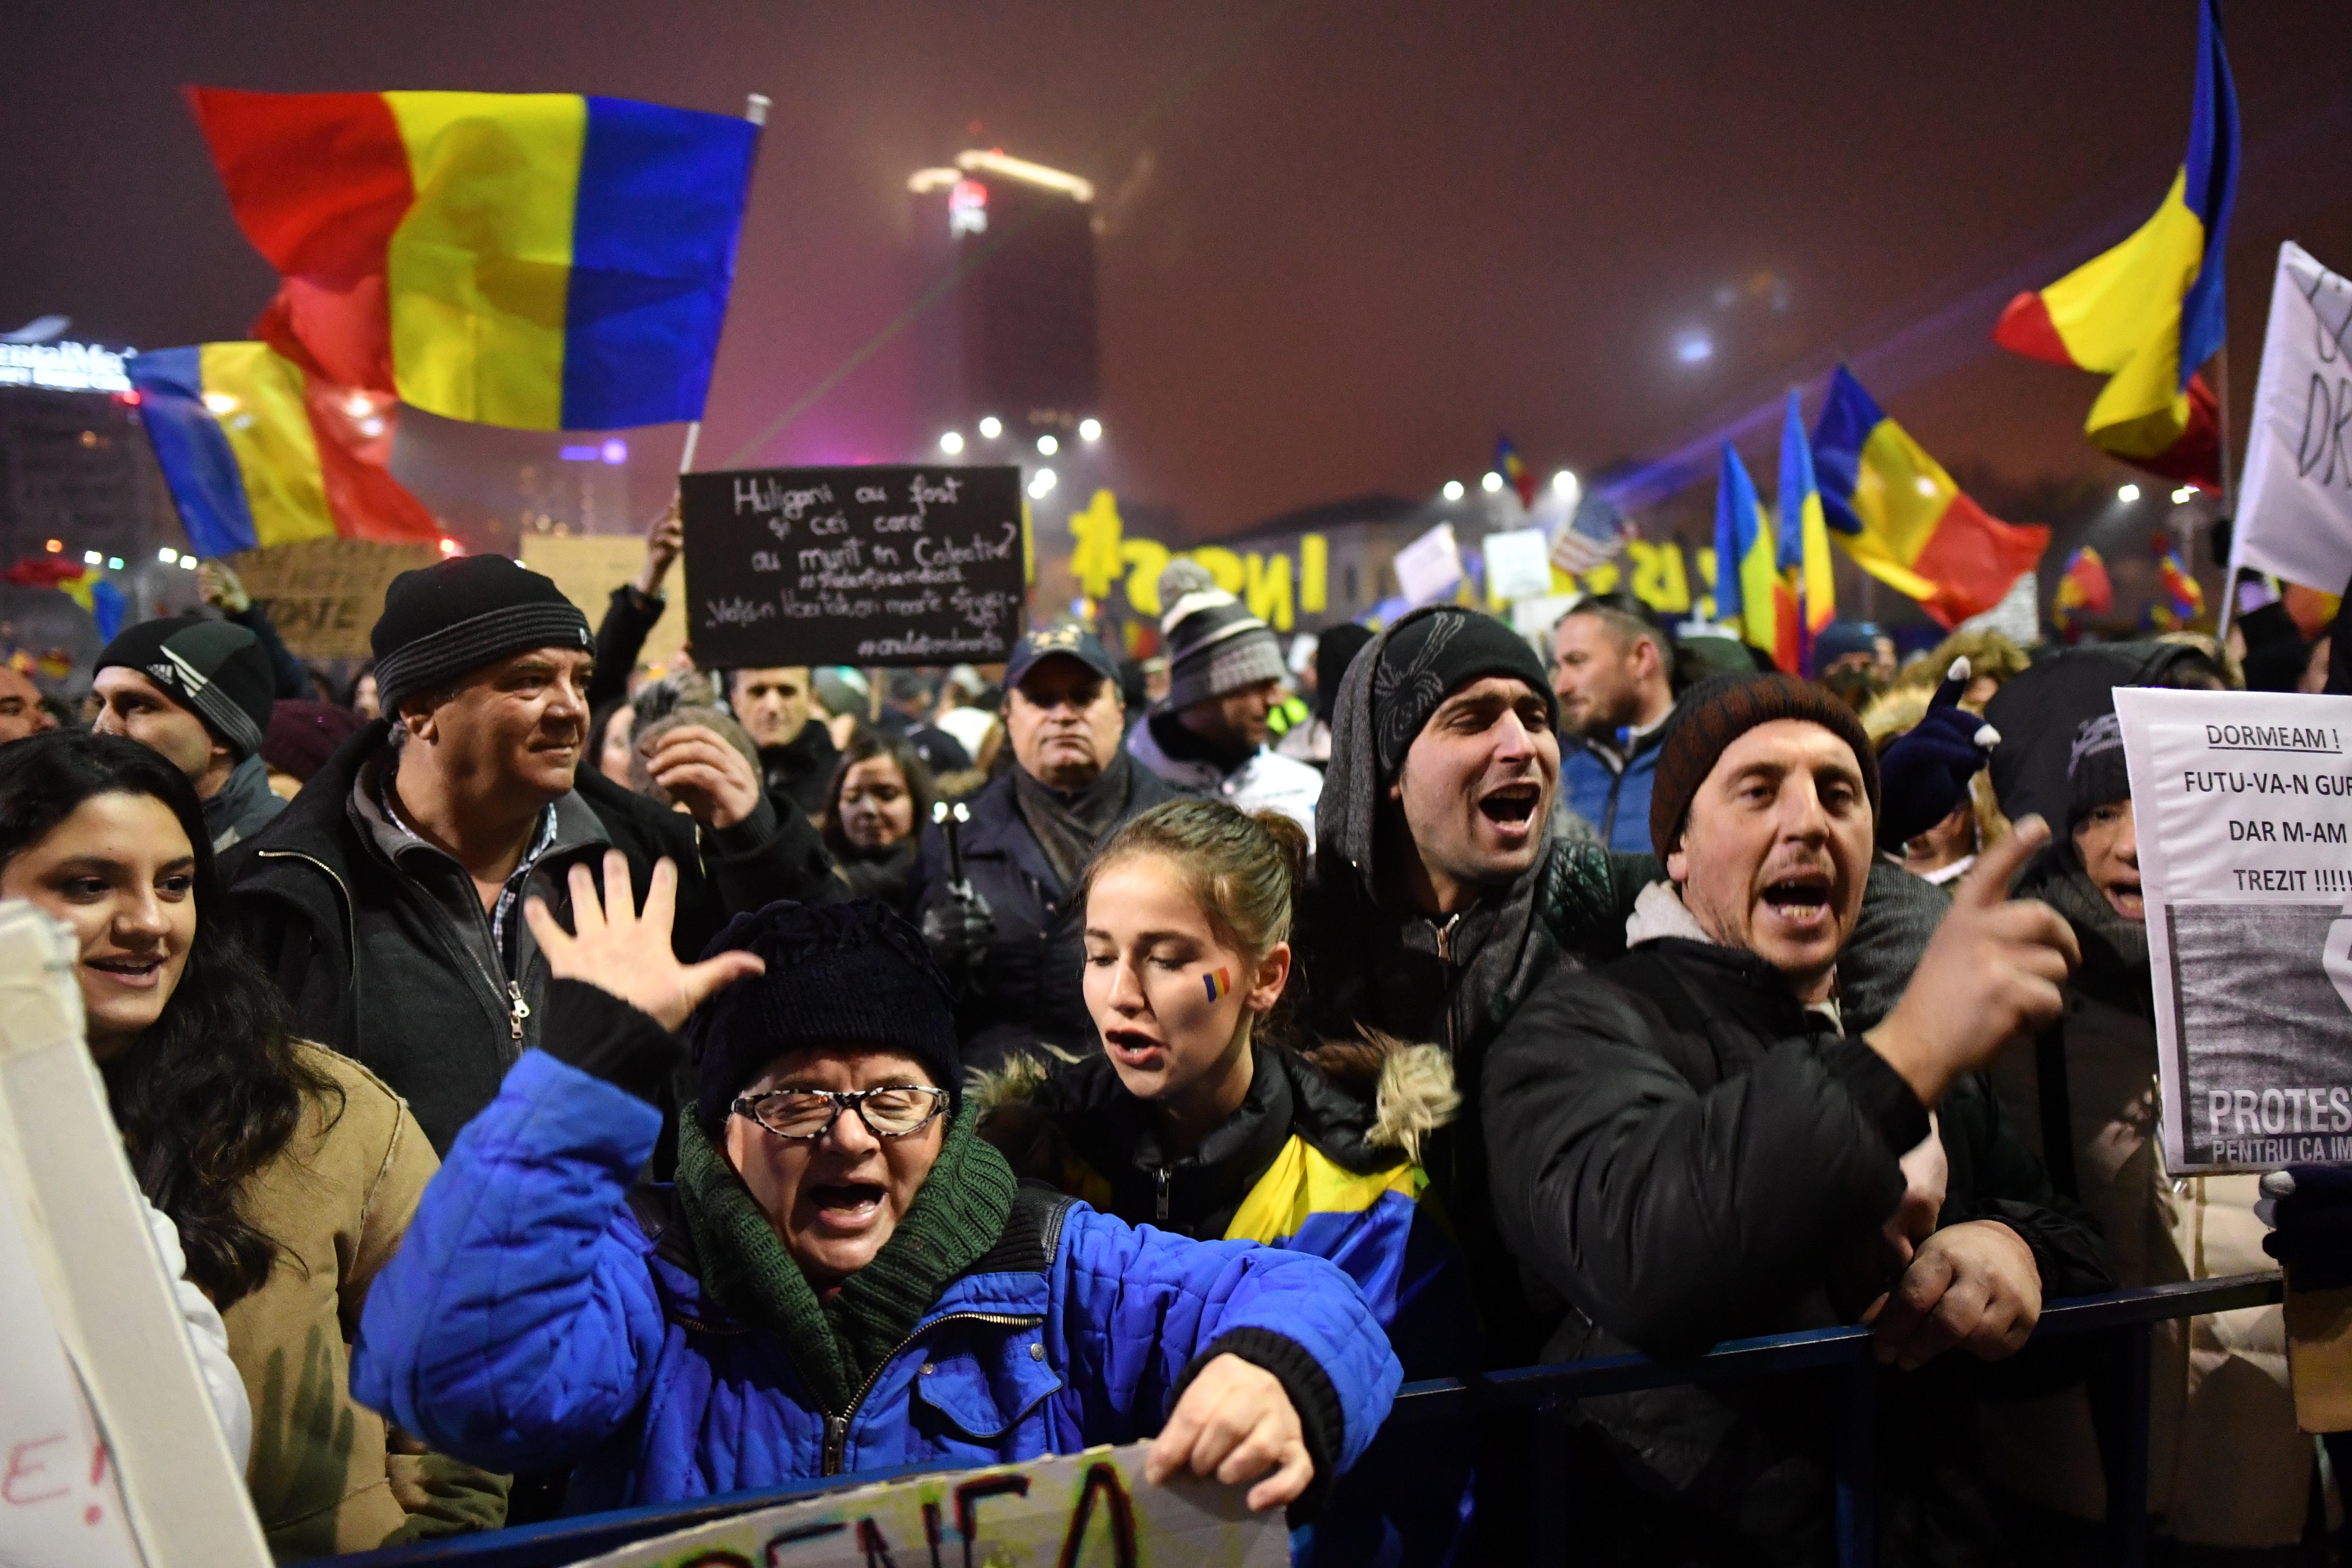 Megrémültek a román aktivisták, hogy ellenük hoztak törvényt, de a benyújtó mindenkit megnyugtatott, hogy valójában a magyarok ellen